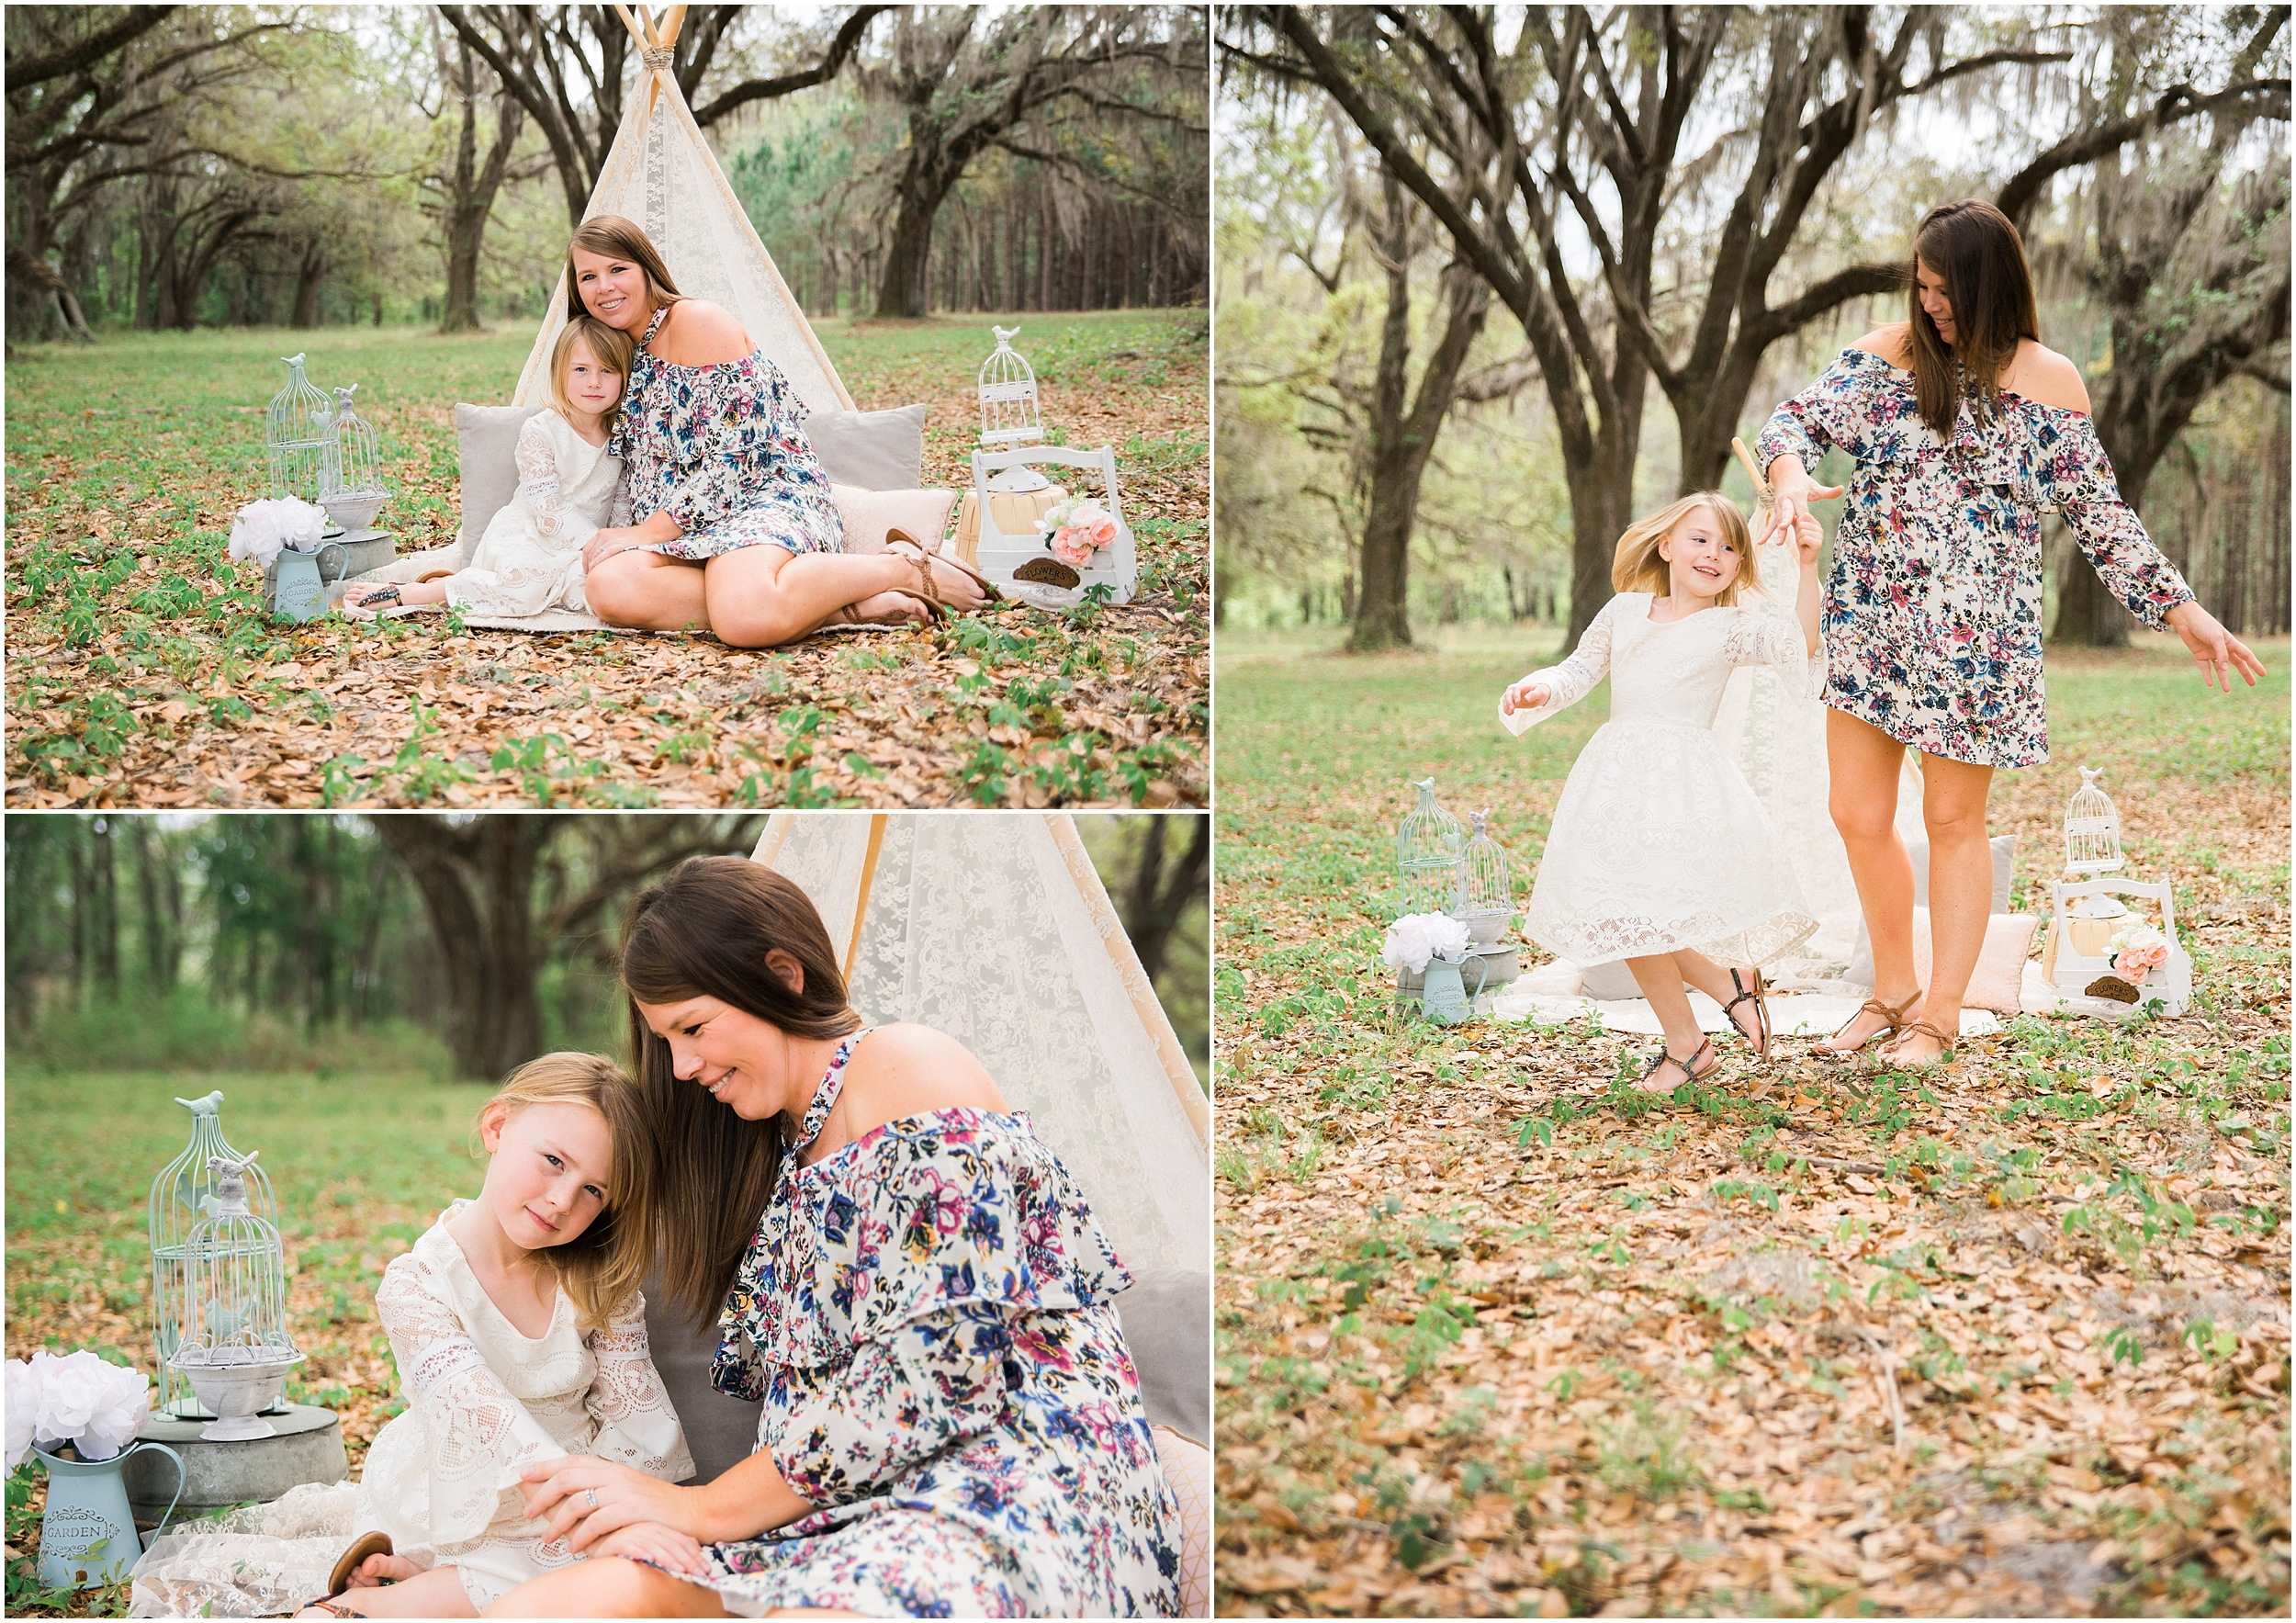 Jessie & Khloe Mommy and Me in Quitman, Georgia_0007.jpg